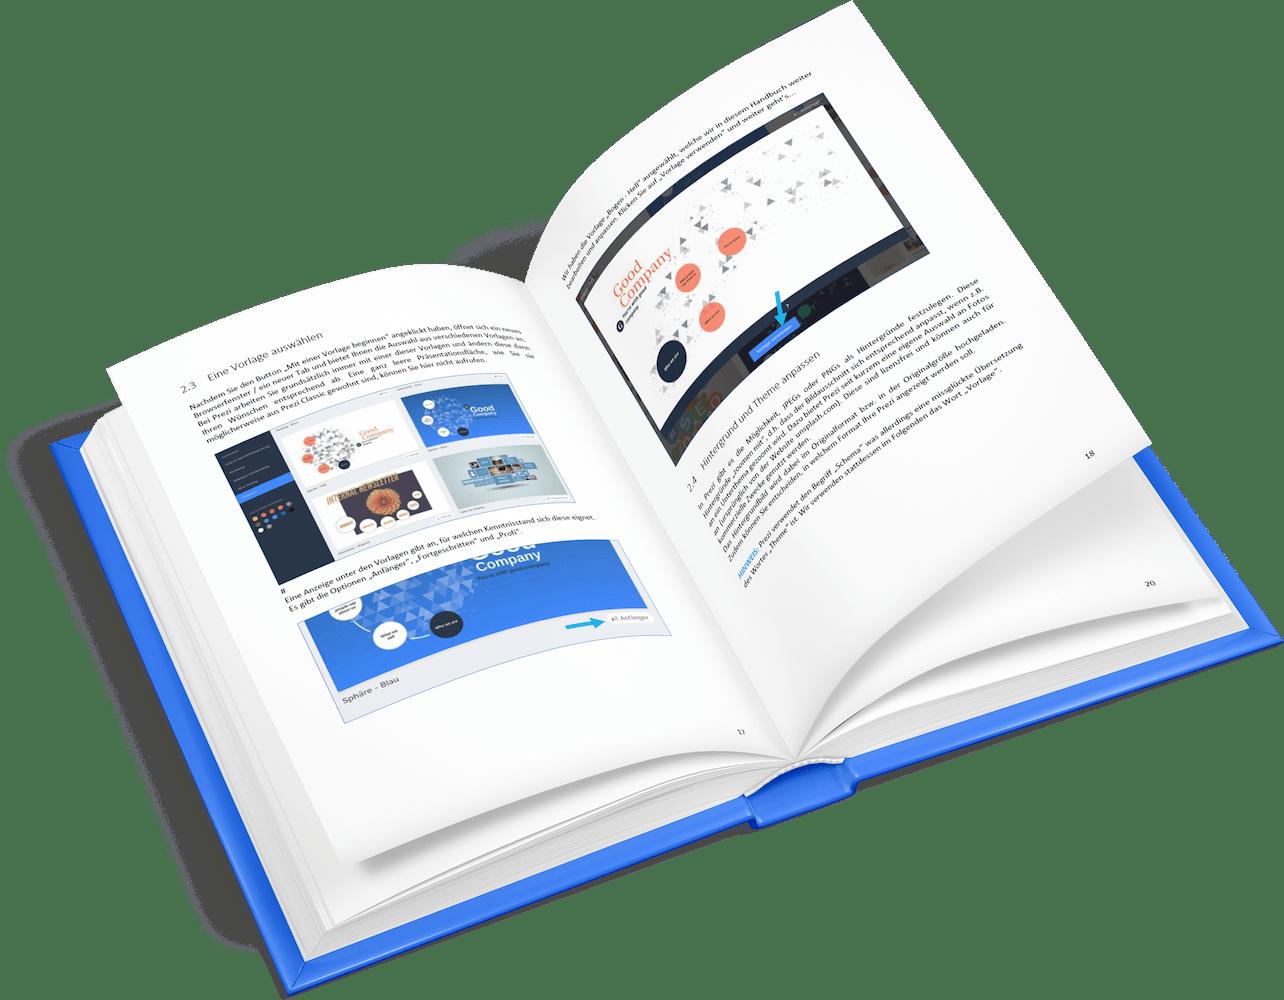 Prezi Present Handbuch aufgeschlagen